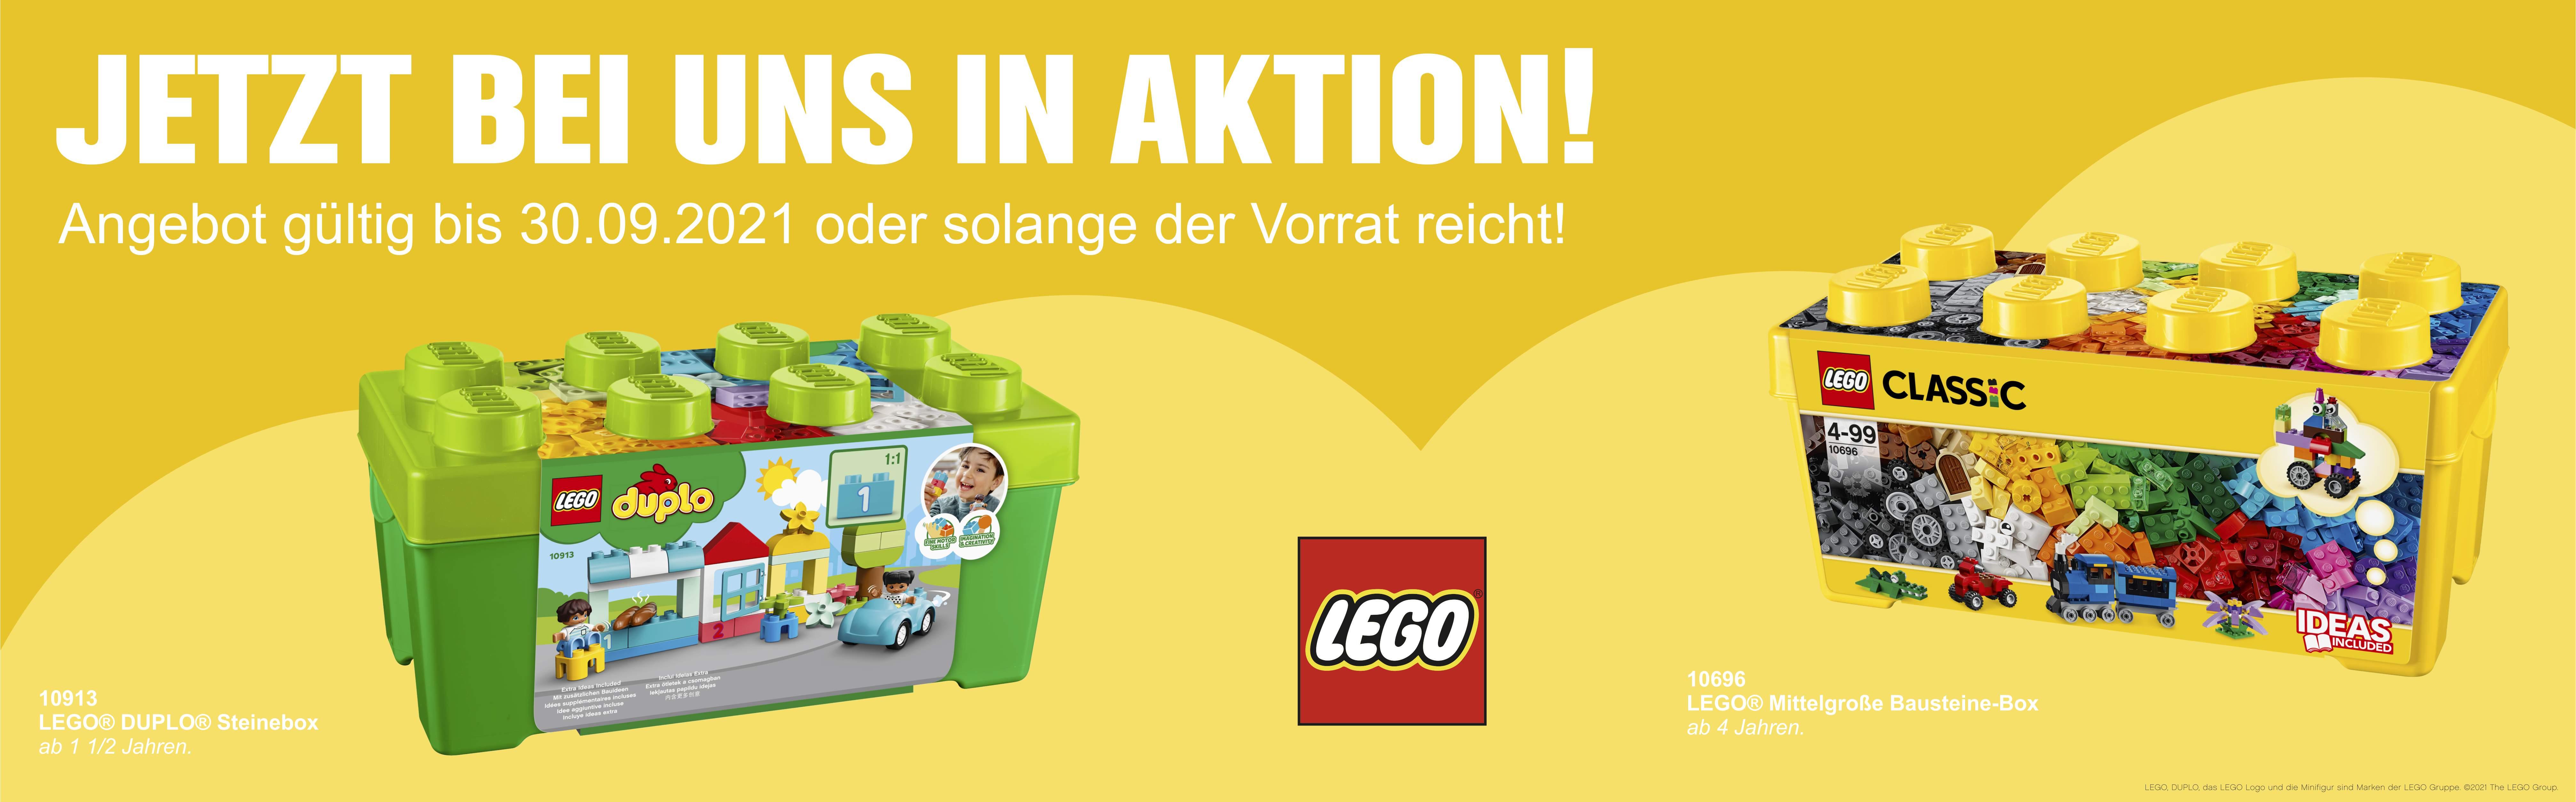 LEGO® Bausteine-Box